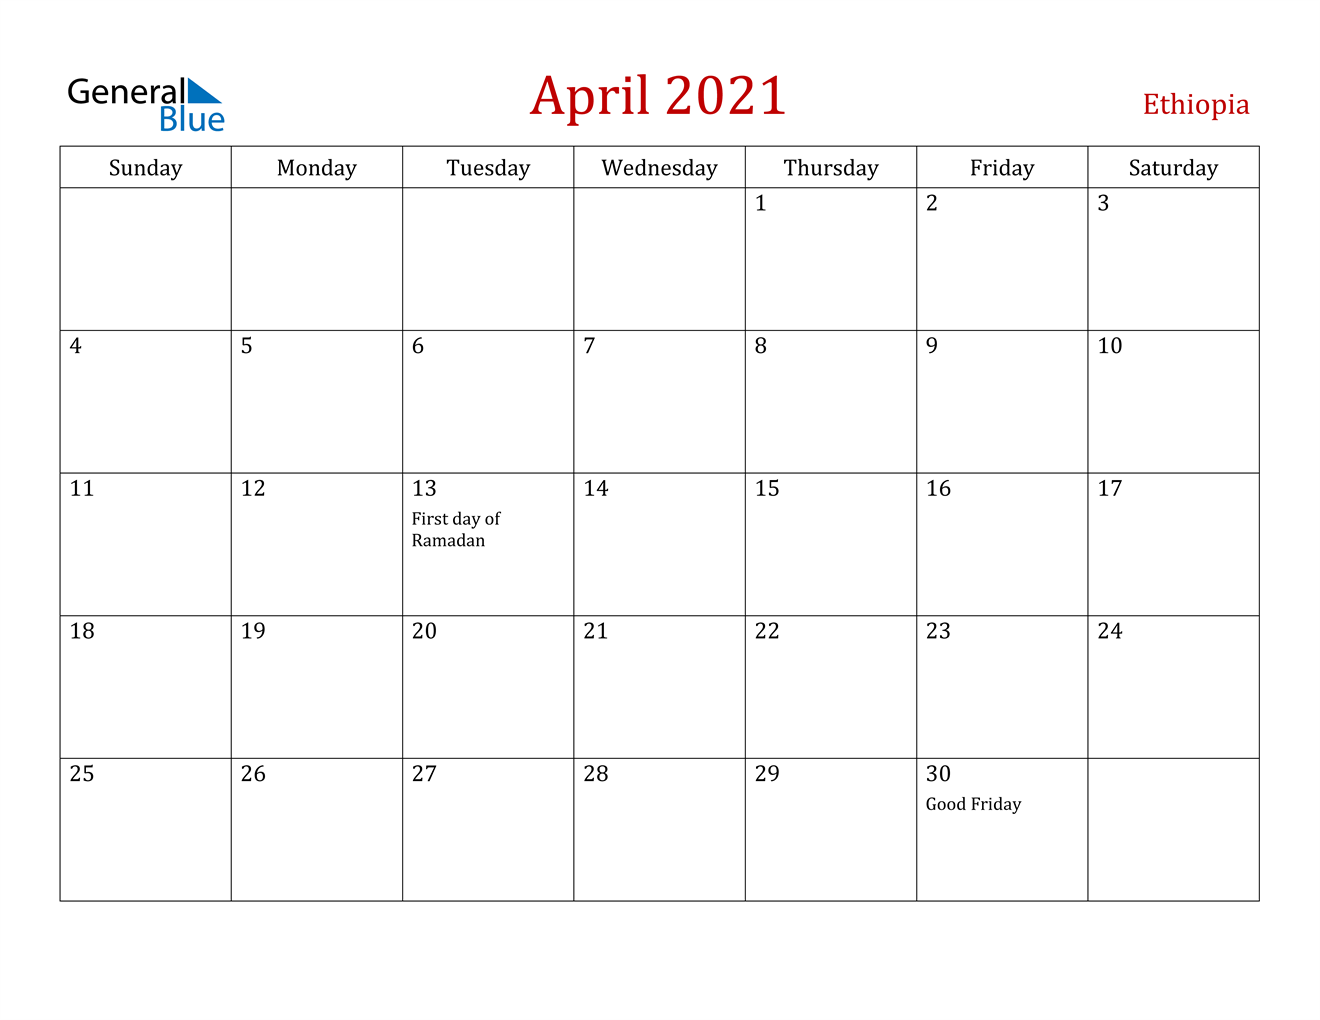 April 2021 Calendar Ethiopia